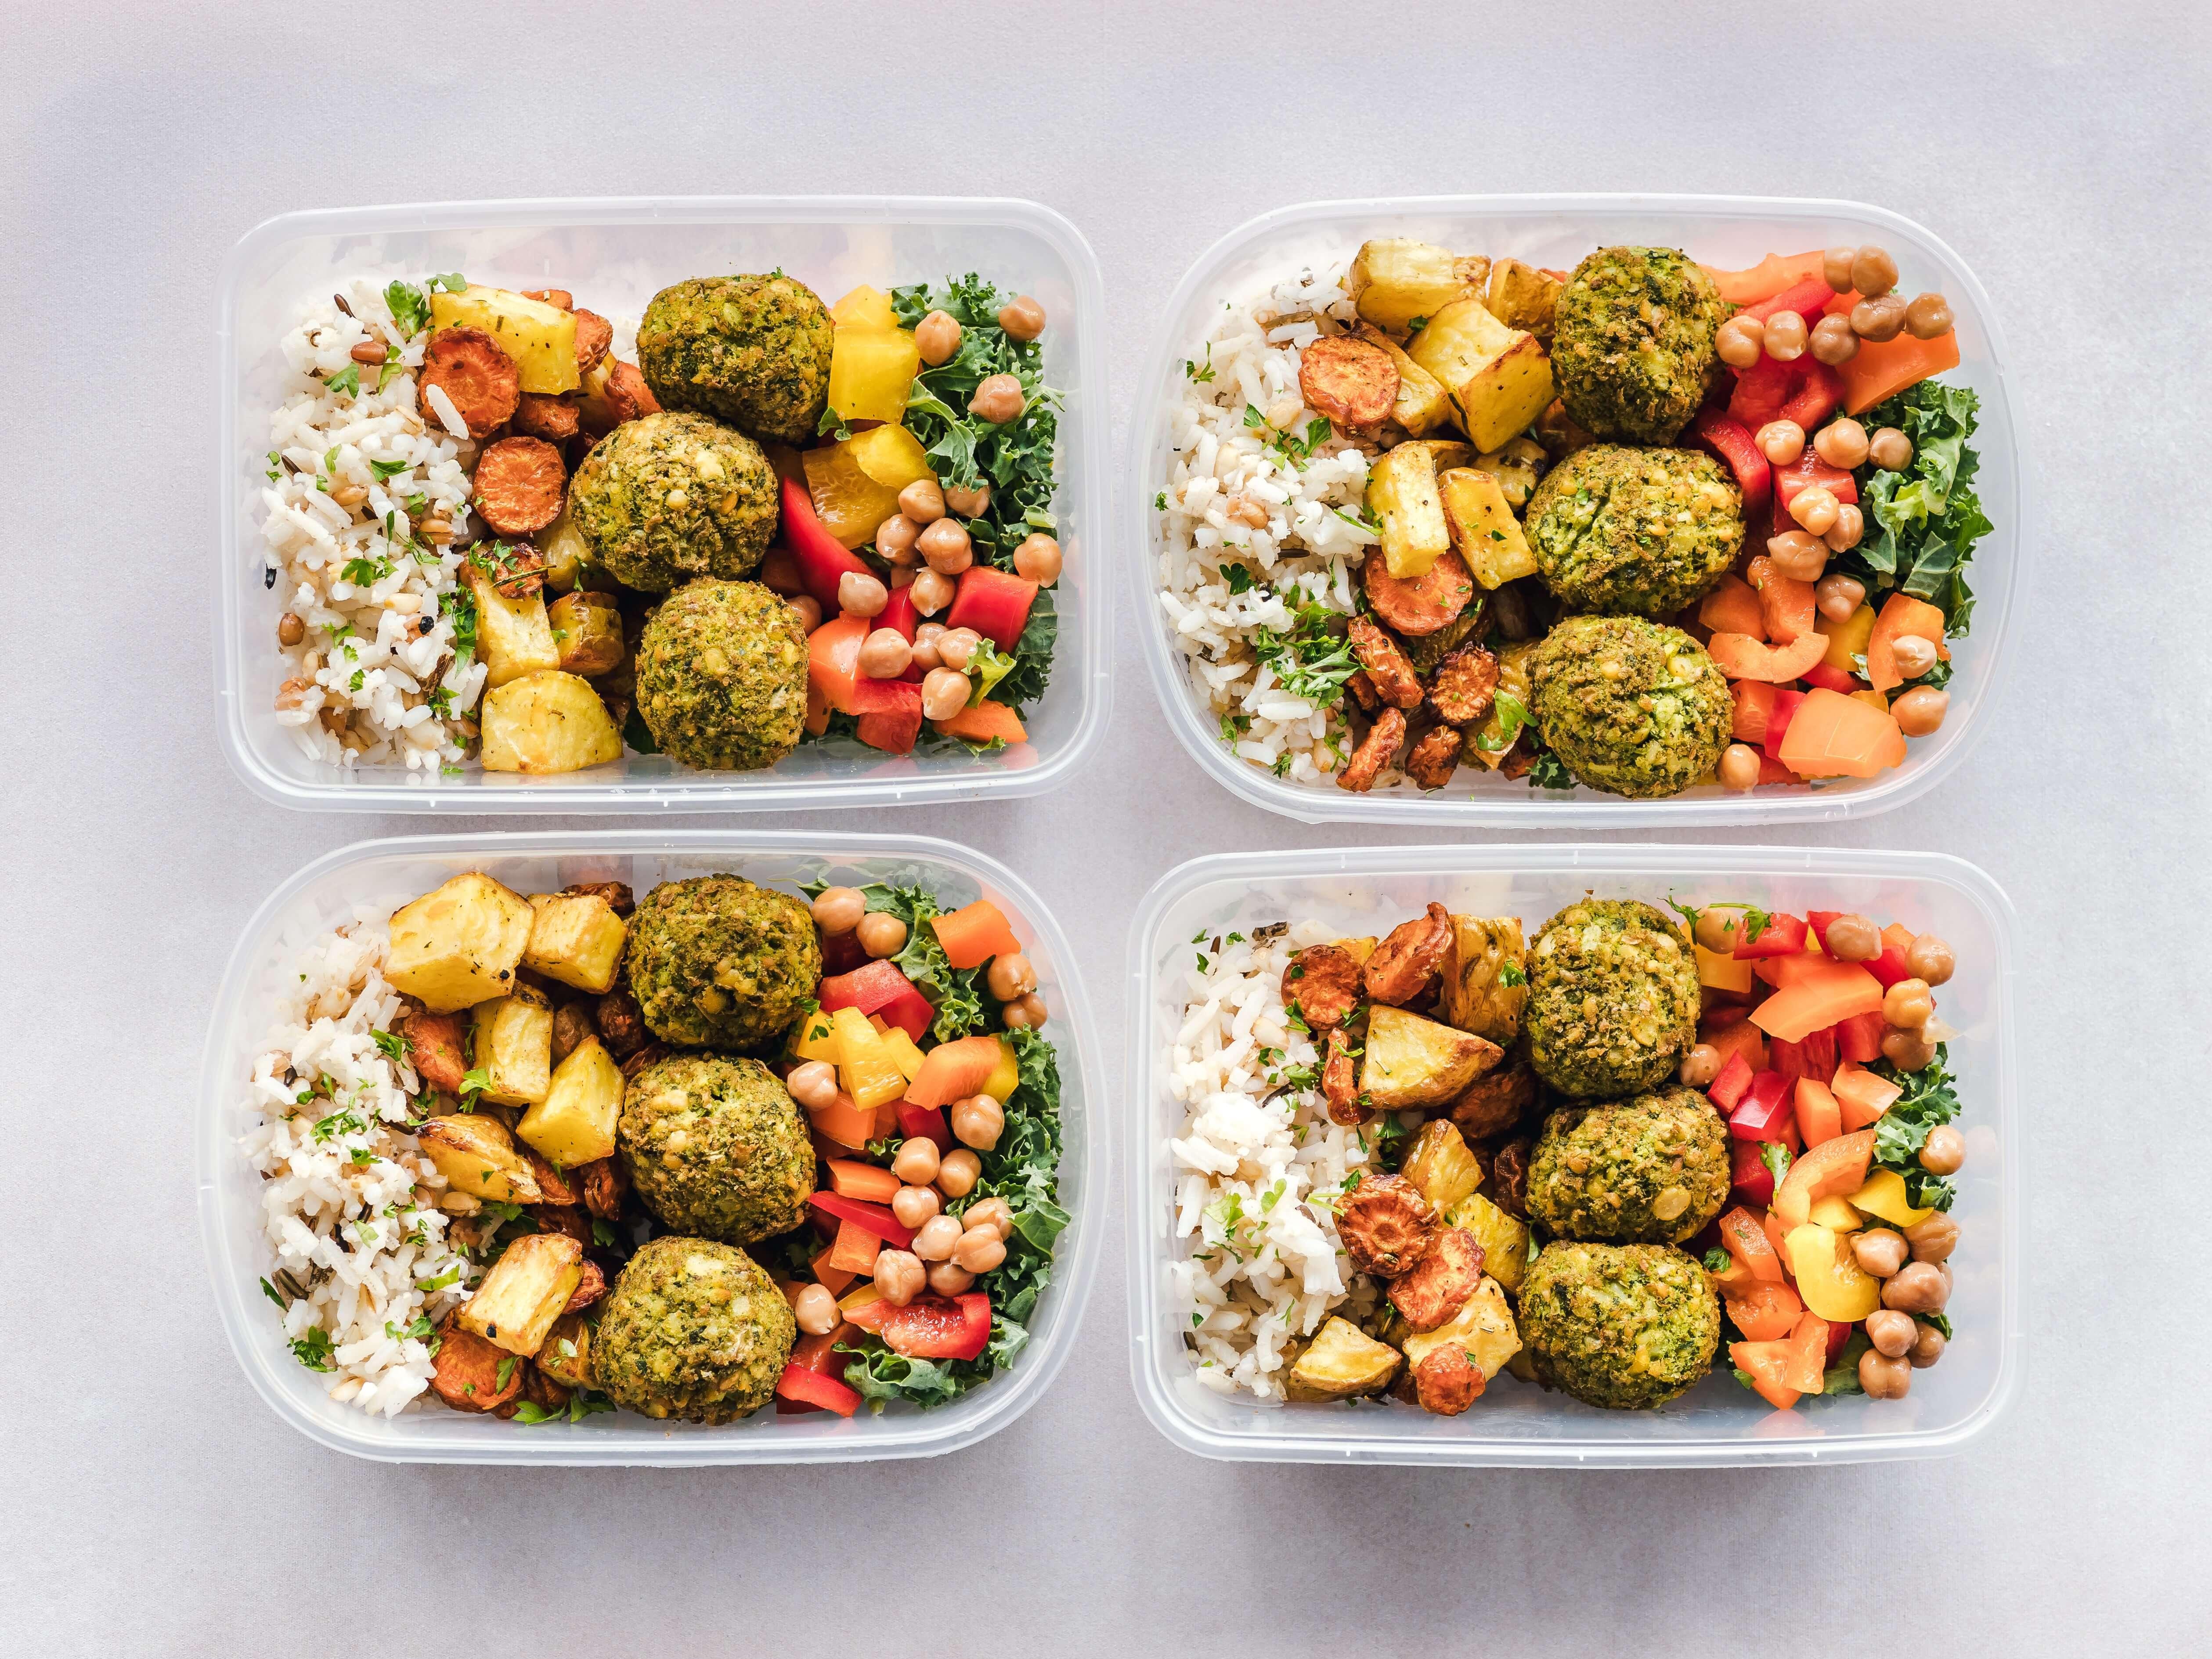 fresh, healthy food